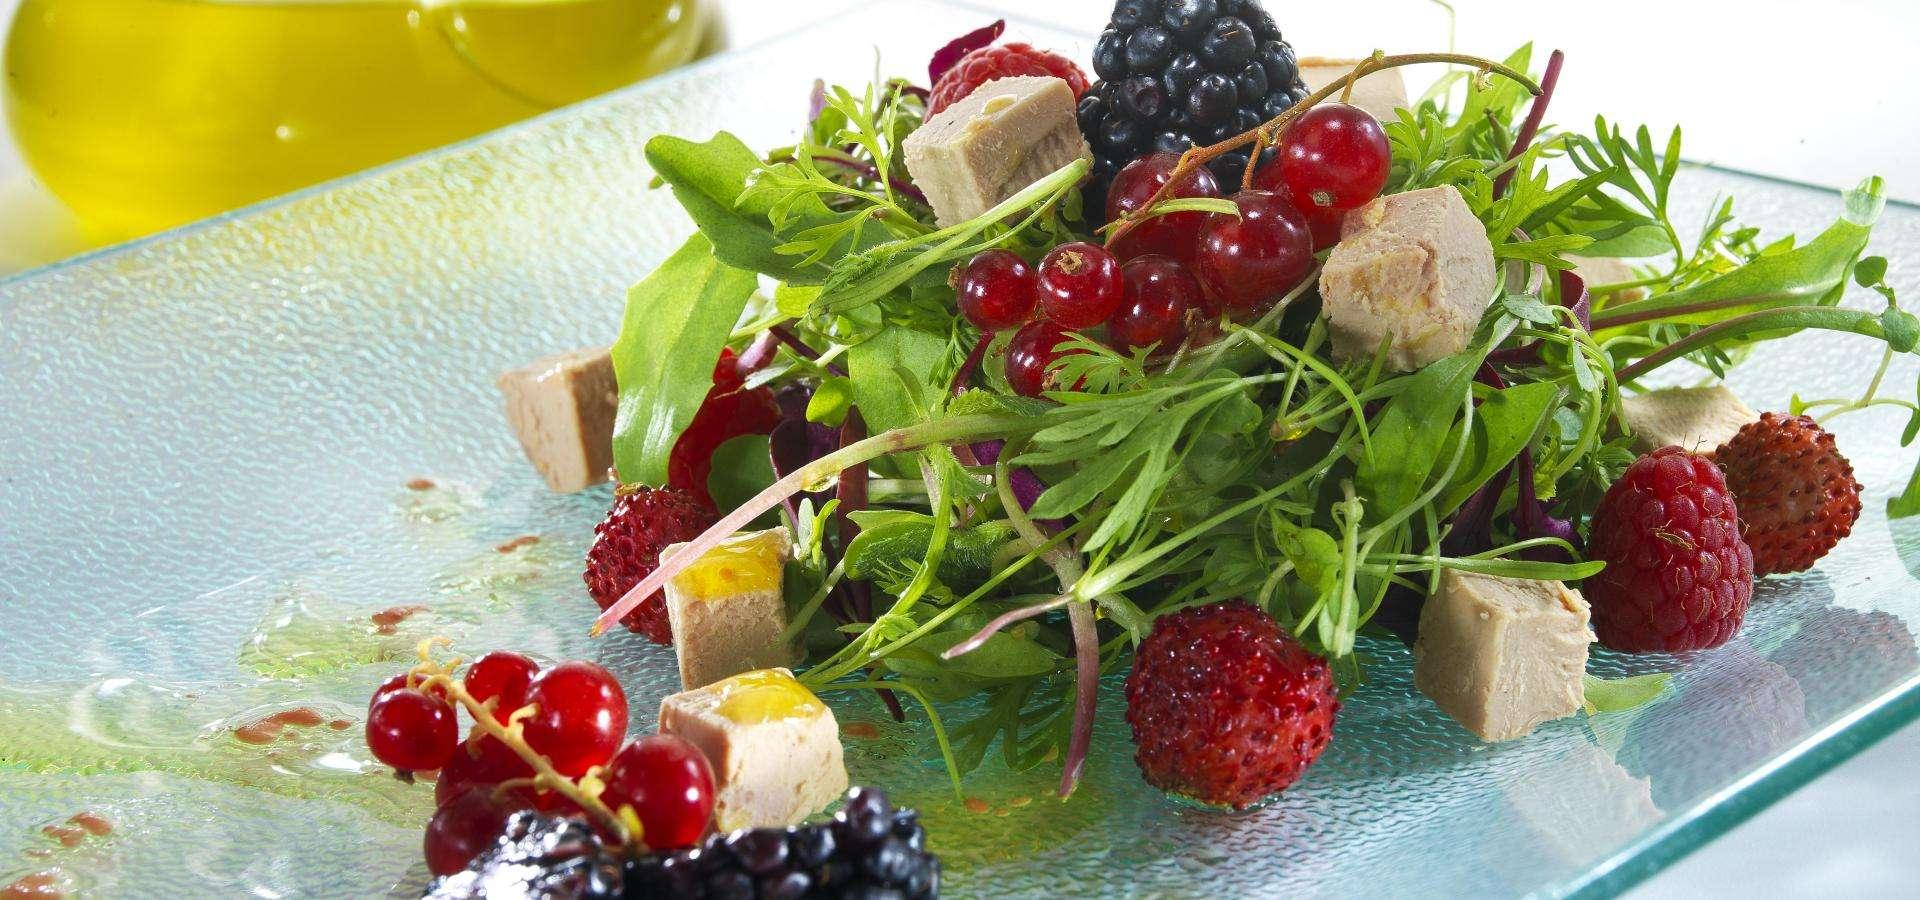 Салат с фуа-гра и ягодами